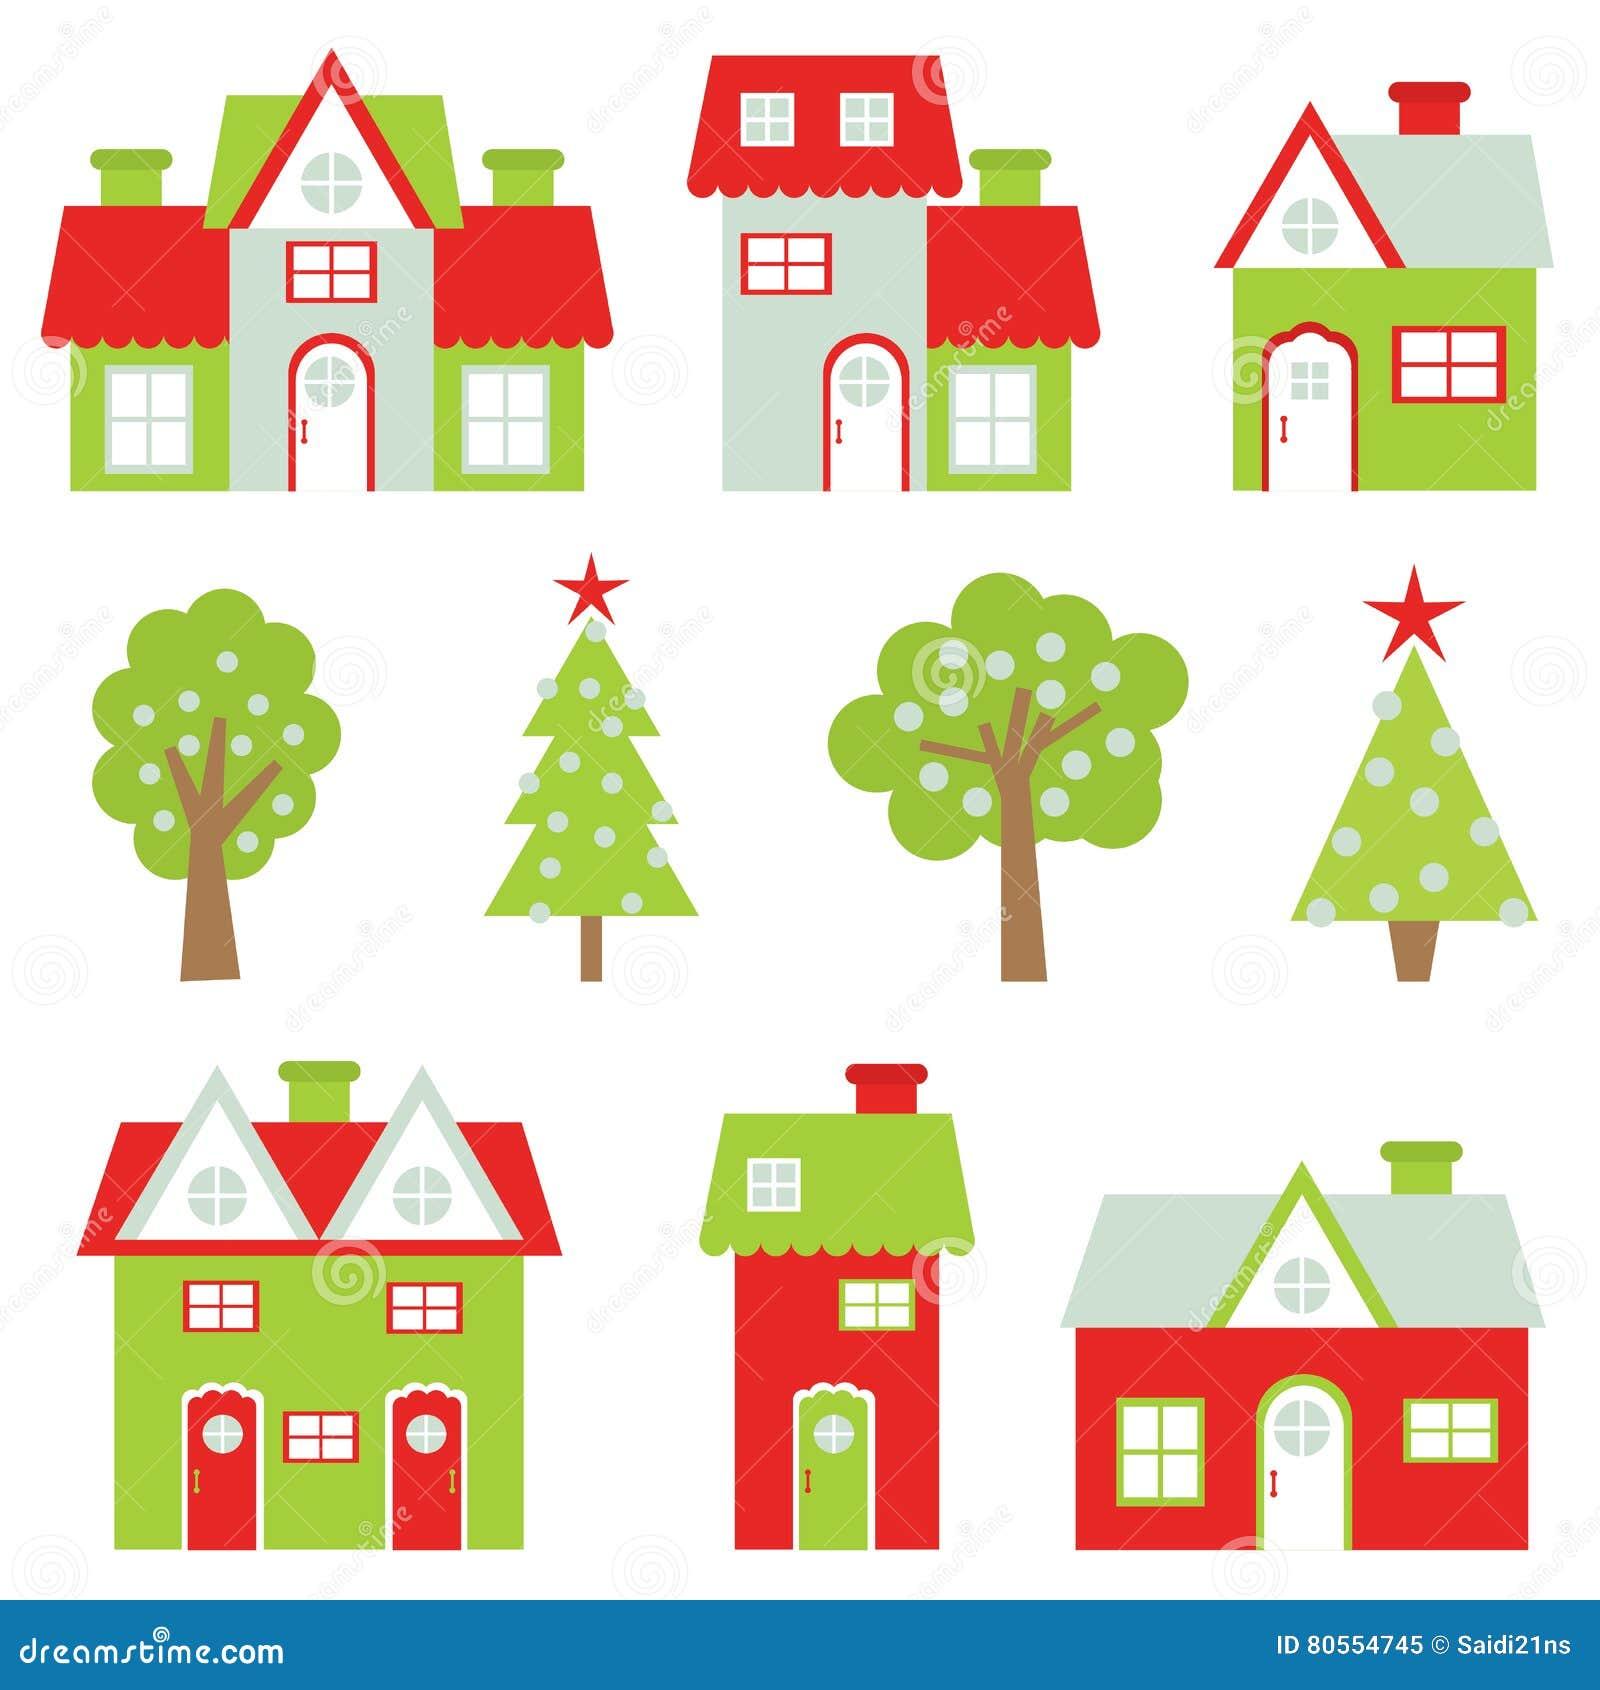 Weihnachtsbaum Clipart.Weihnachtsillustration Mit Buntem Haus Und Weihnachtsbaum Passend